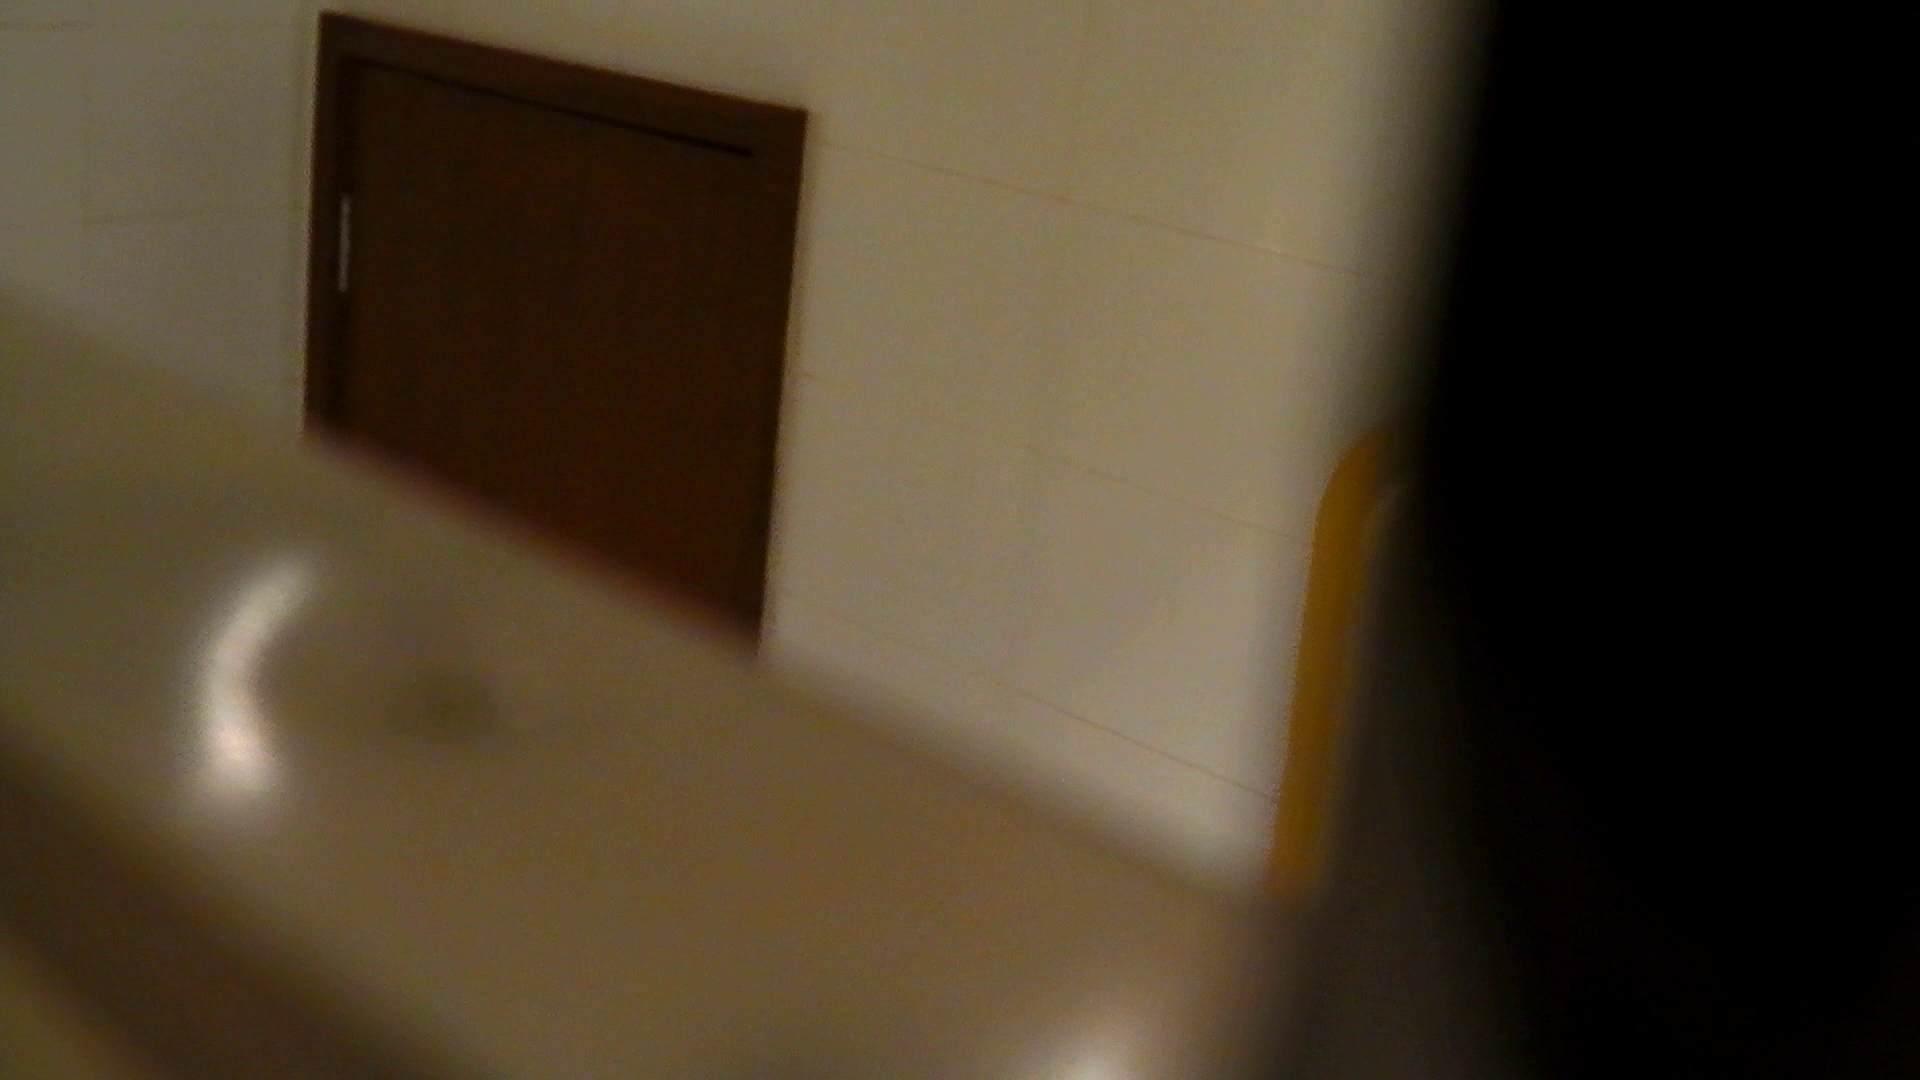 洗寿観音さんの 化粧室は四面楚歌Nol.4 洗面所  55連発 50